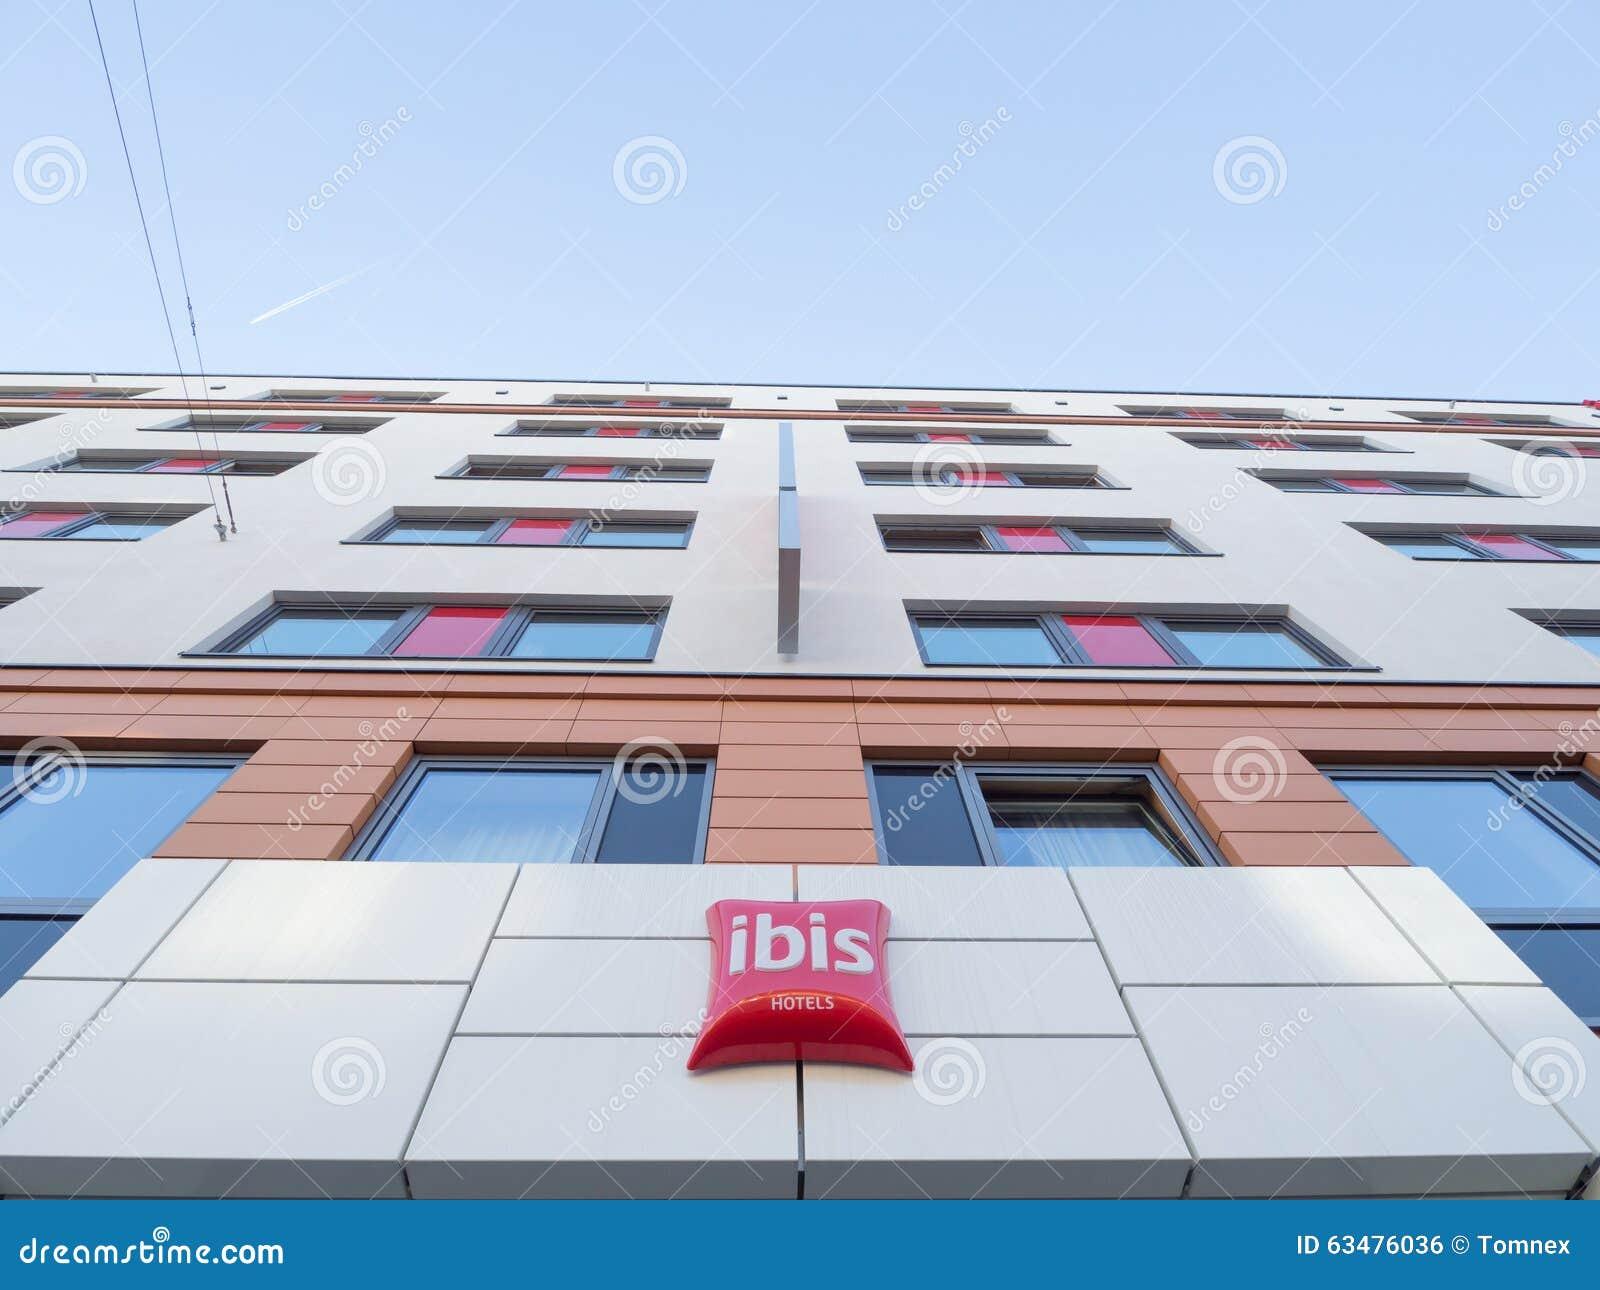 Ibis Hotel Garching